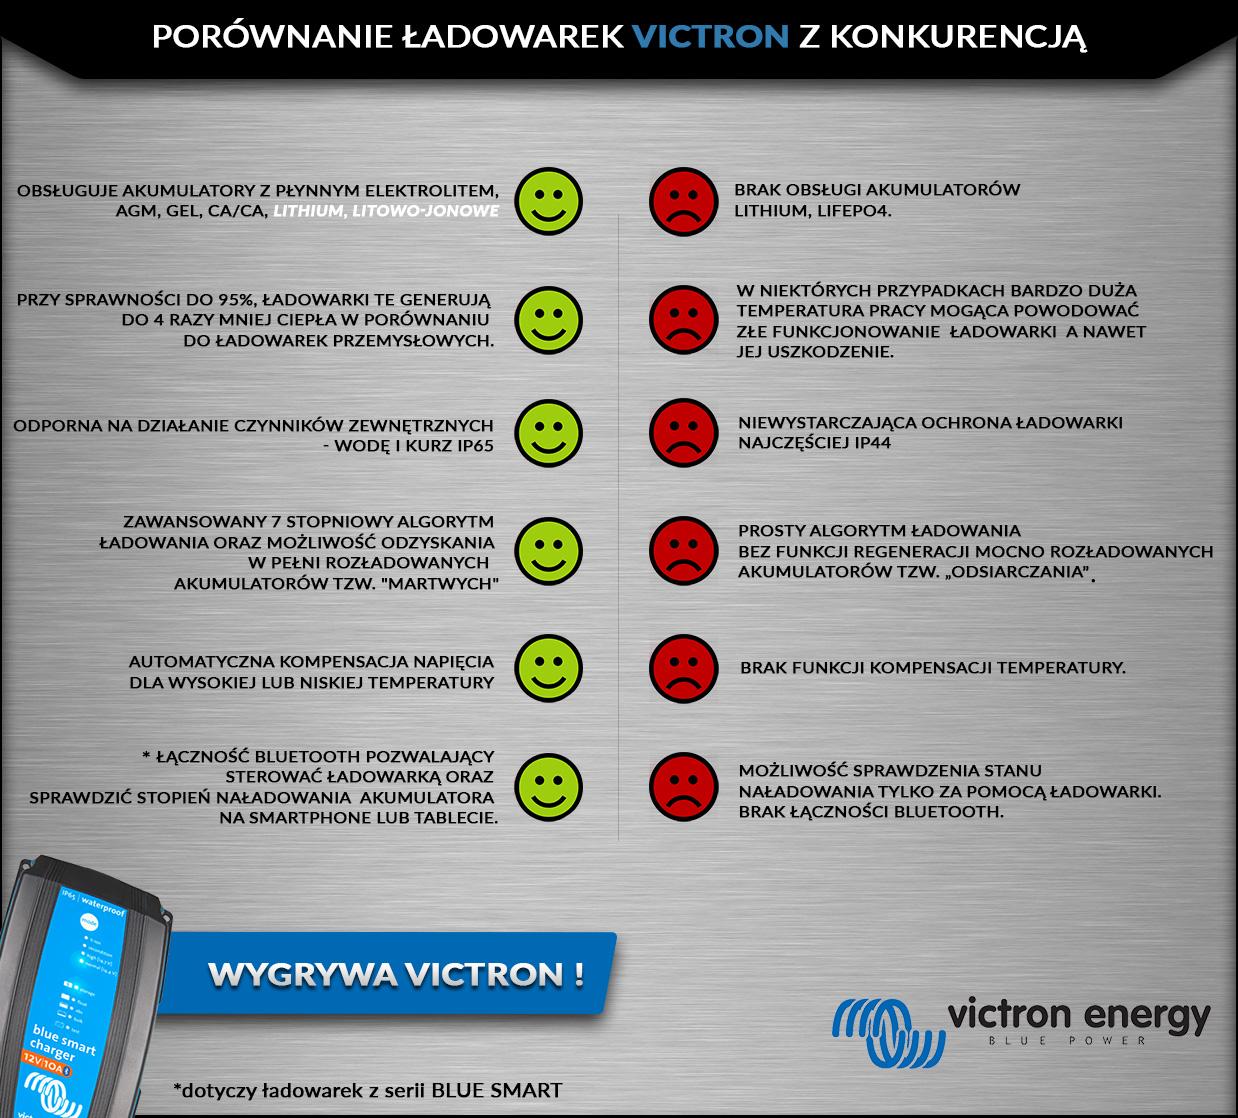 porównanie ładowarek victron z konkurencją